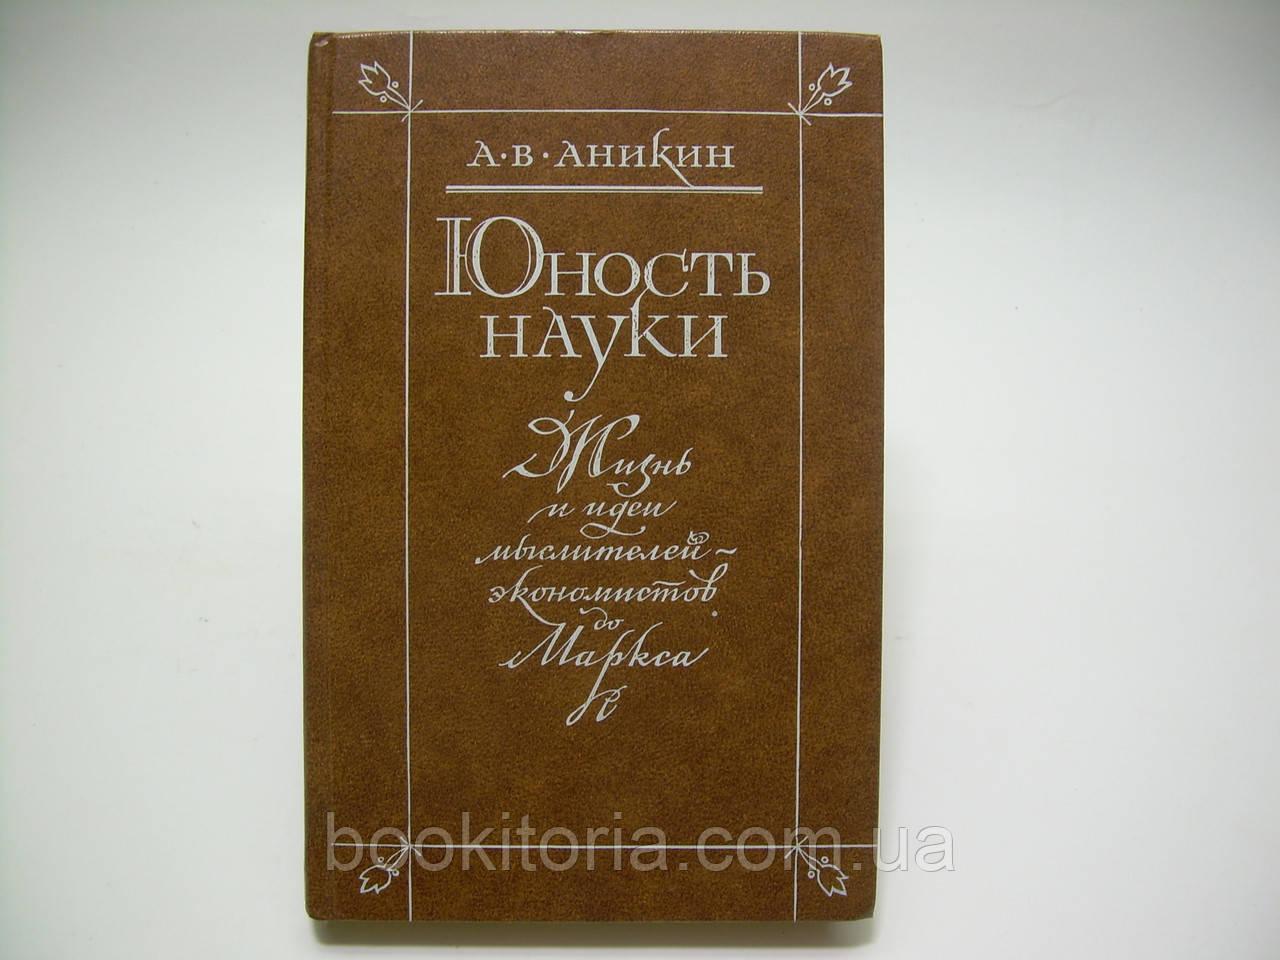 Аникин А.В. Юность науки (б/у).